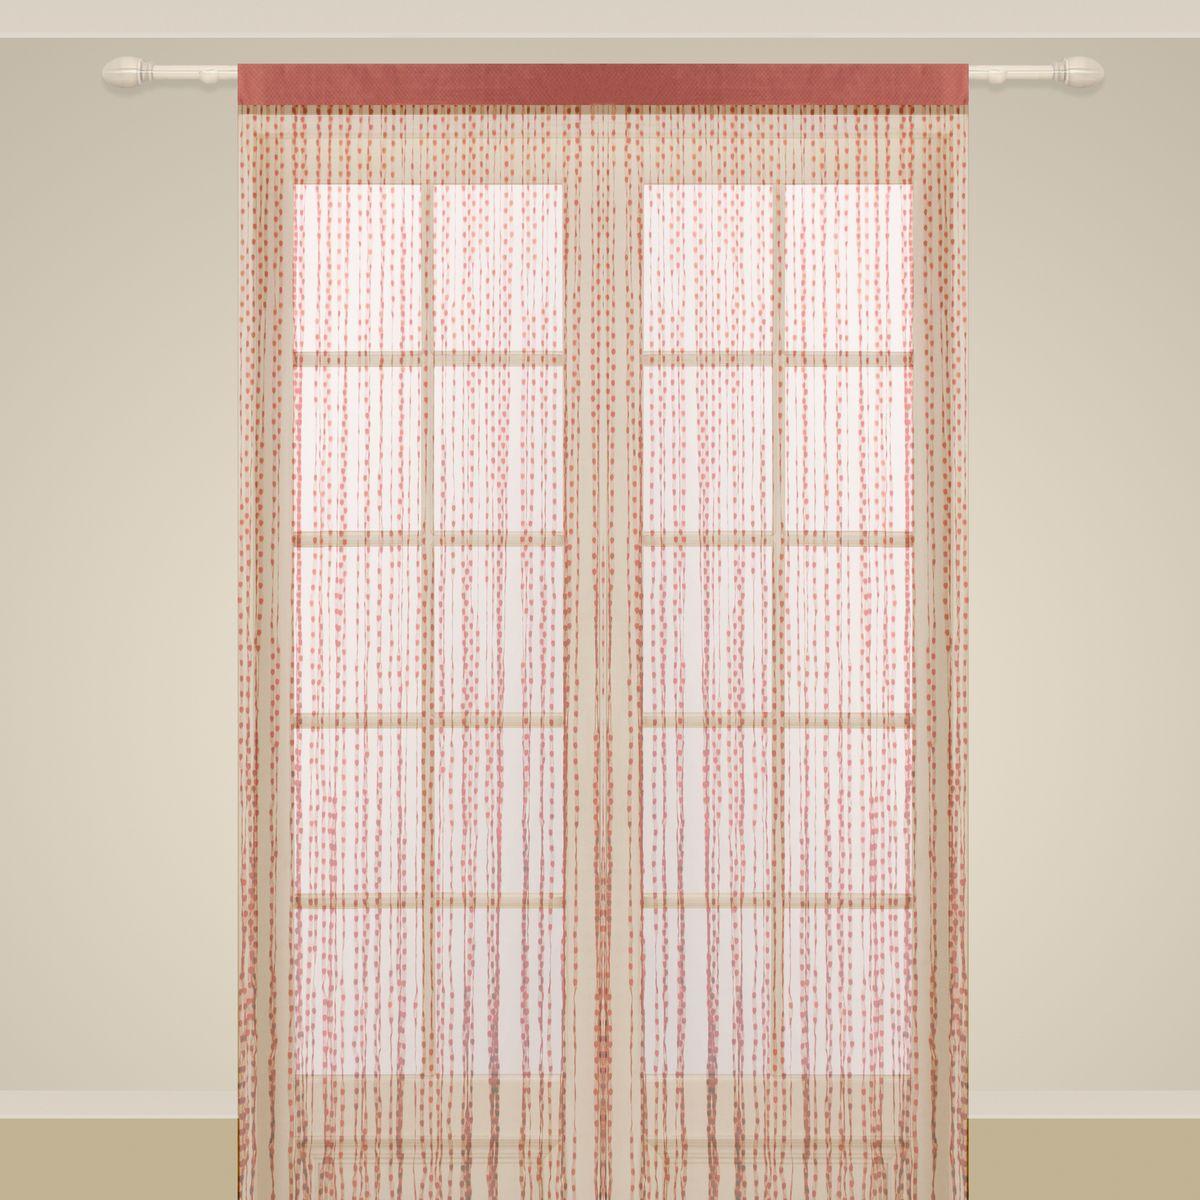 Штора нитяная Sanpa Home Collection, на ленте, цвет: темно-розовый, высота 290 смSVC-300Штора нитяная Sanpa Home Collection, выполненная из текстиля, подходит как для зонирования пространства, так и для декорации окна, как самостоятельное решение или дополнение к шторам. Такая штора великолепно дополнит интерьер вашего дома и станет отличным дизайнерским решением.